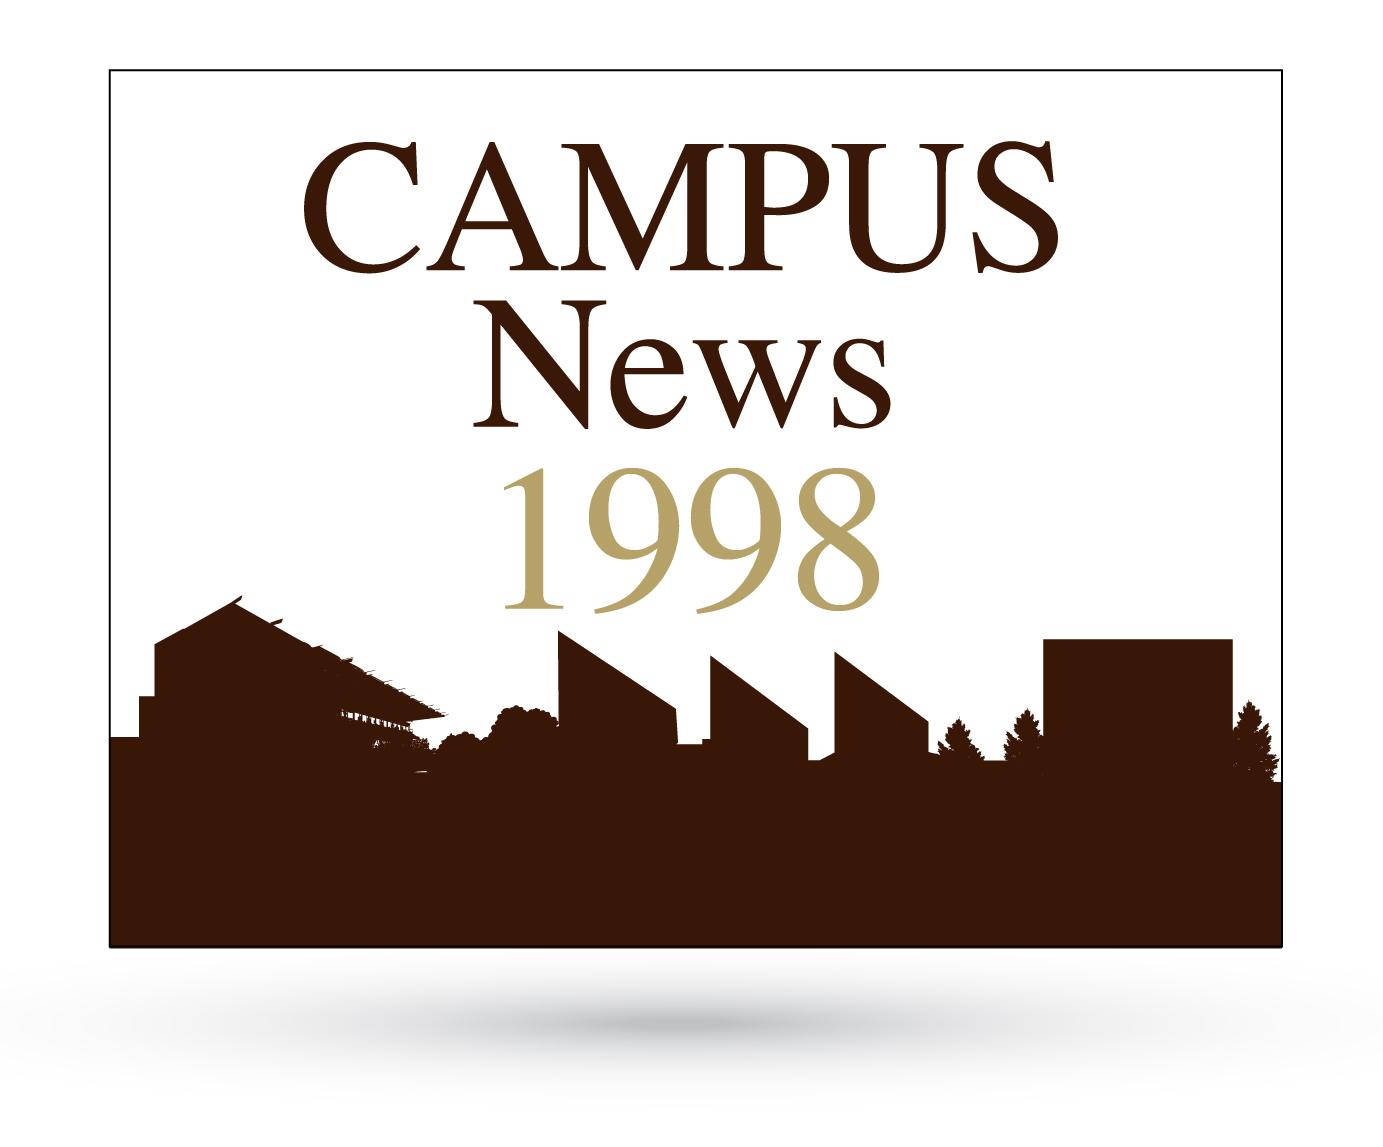 Campus News 1998